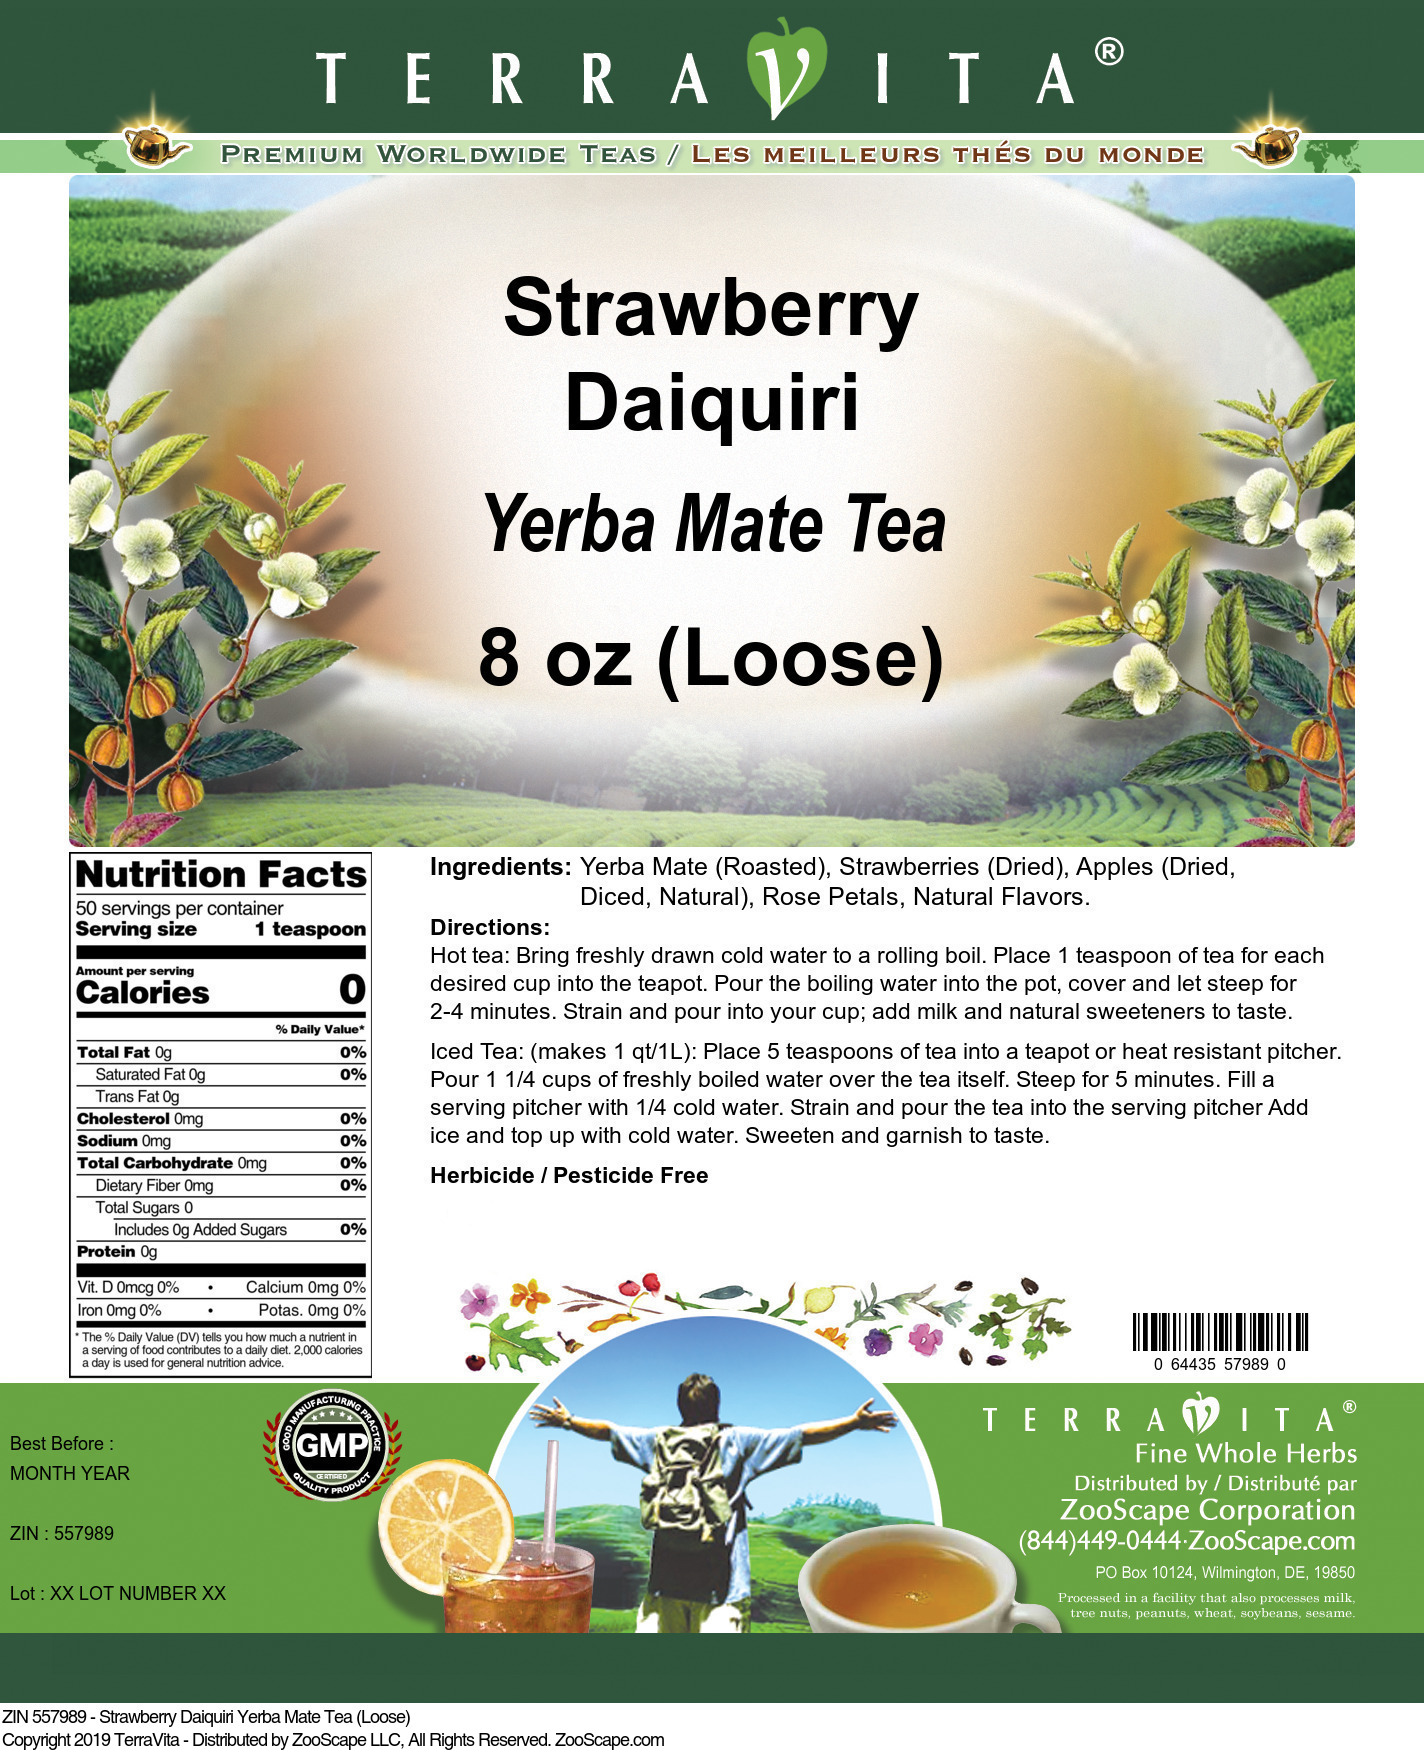 Strawberry Daiquiri Yerba Mate